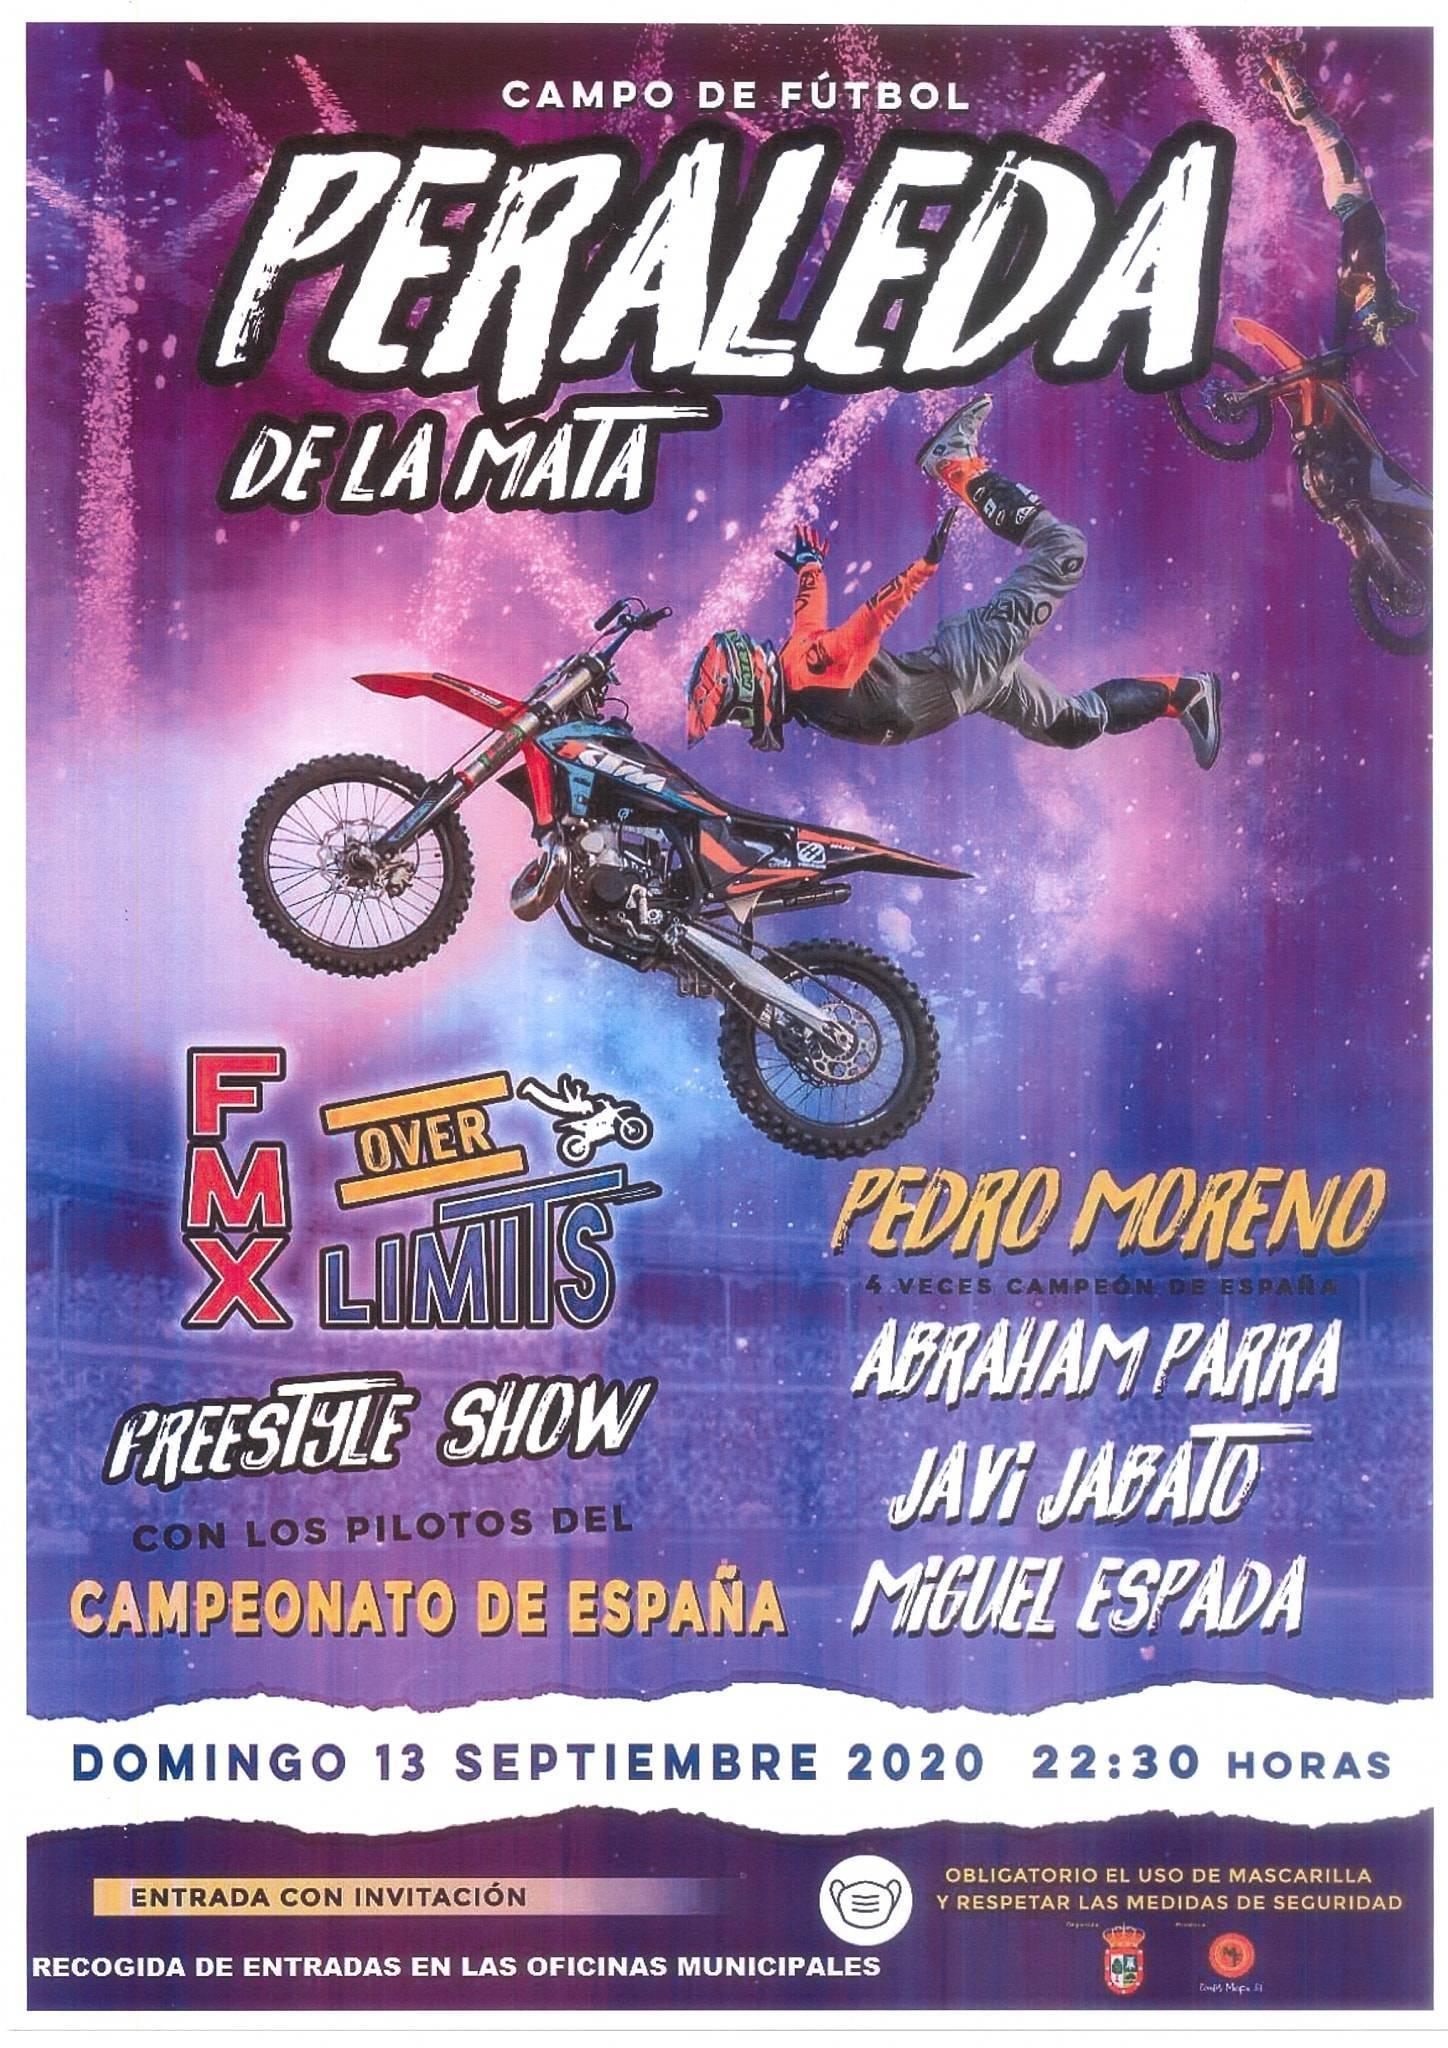 Freestyle show (2020) - Peraleda de la Mata (Cáceres)